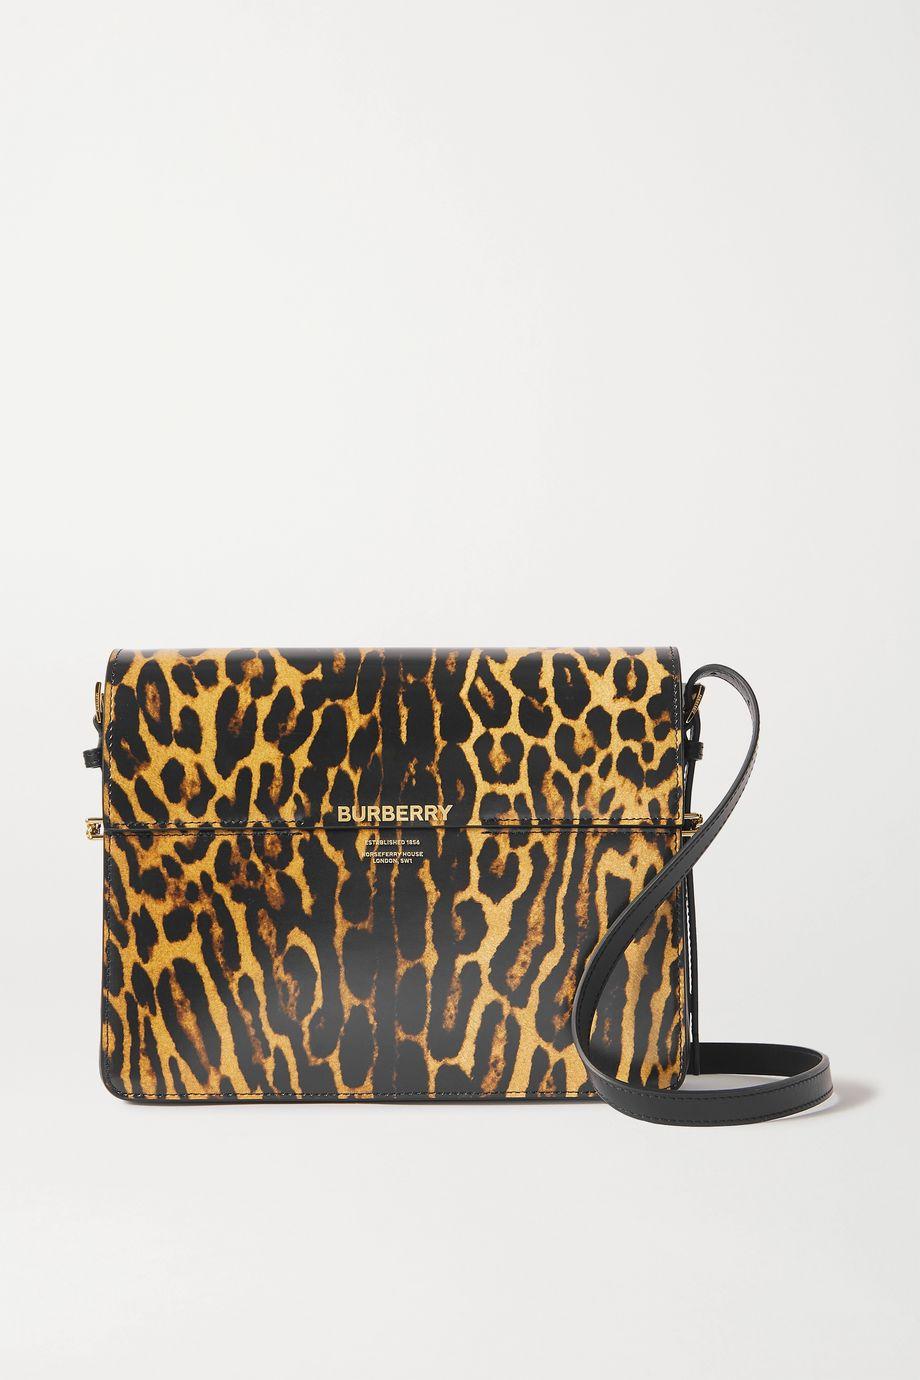 Burberry Große Schultertasche aus Leder mit Leopardenprint